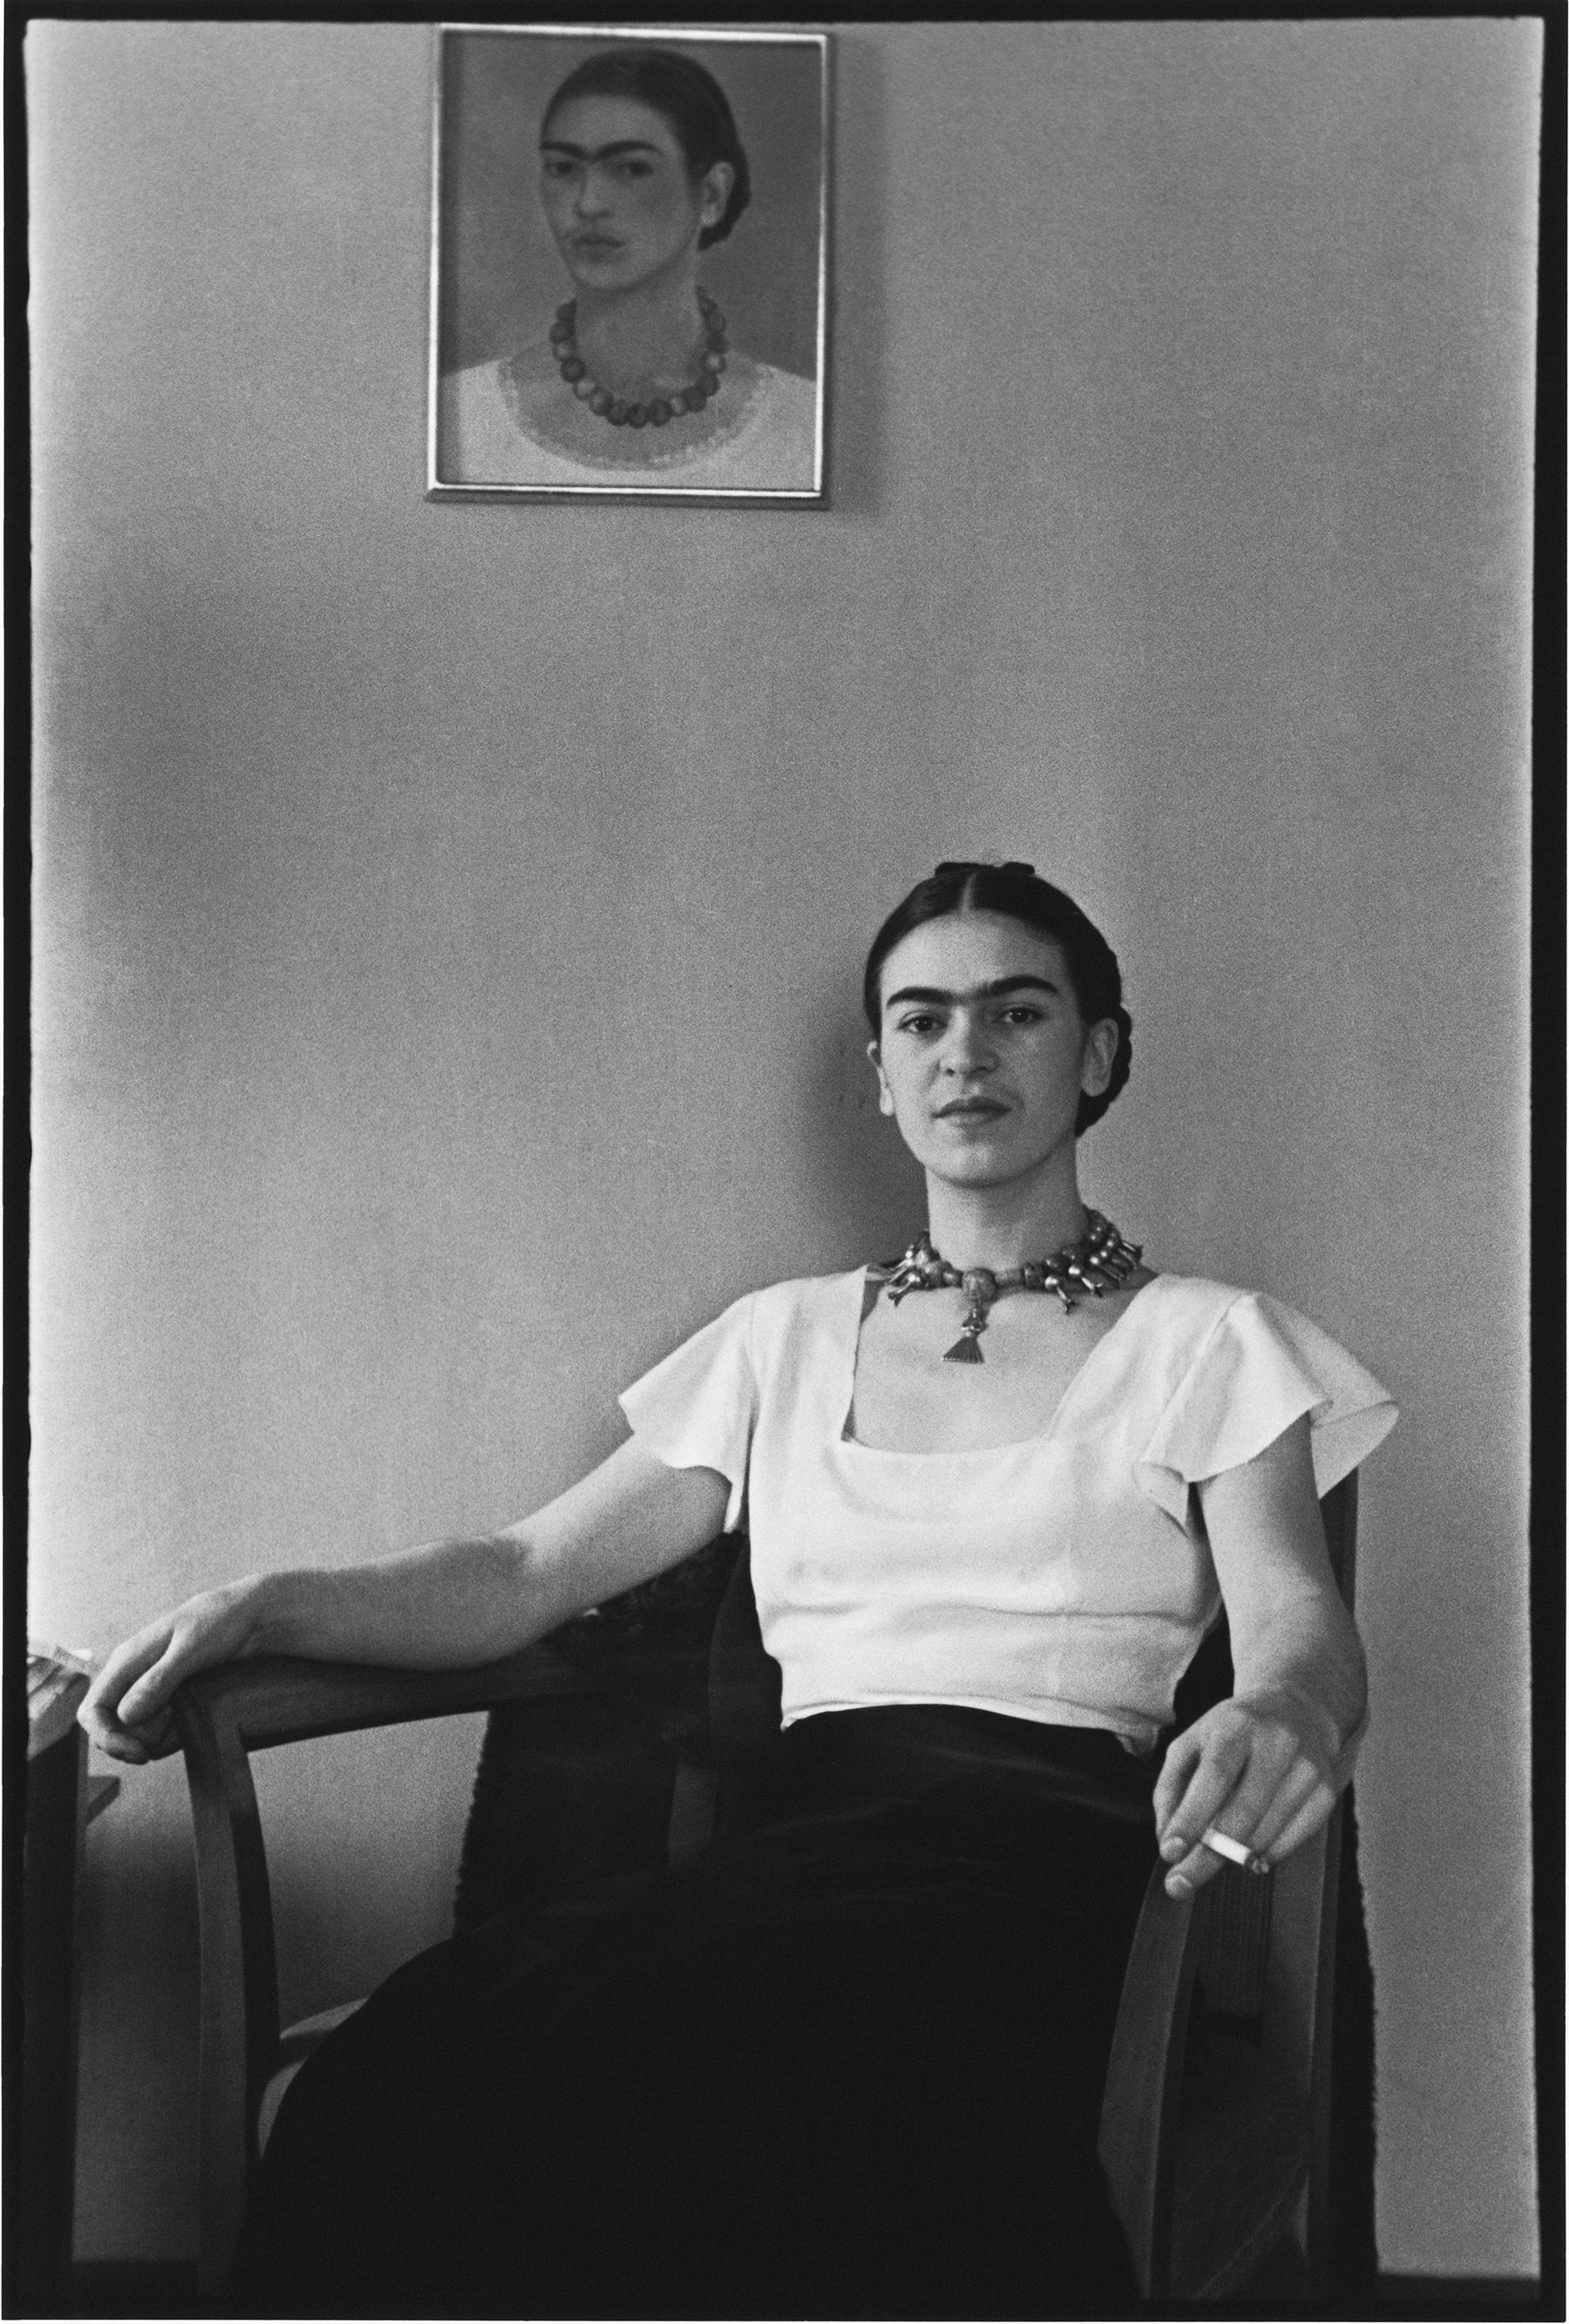 תצלומים נדירים של פרידה קאלו לפני מותה